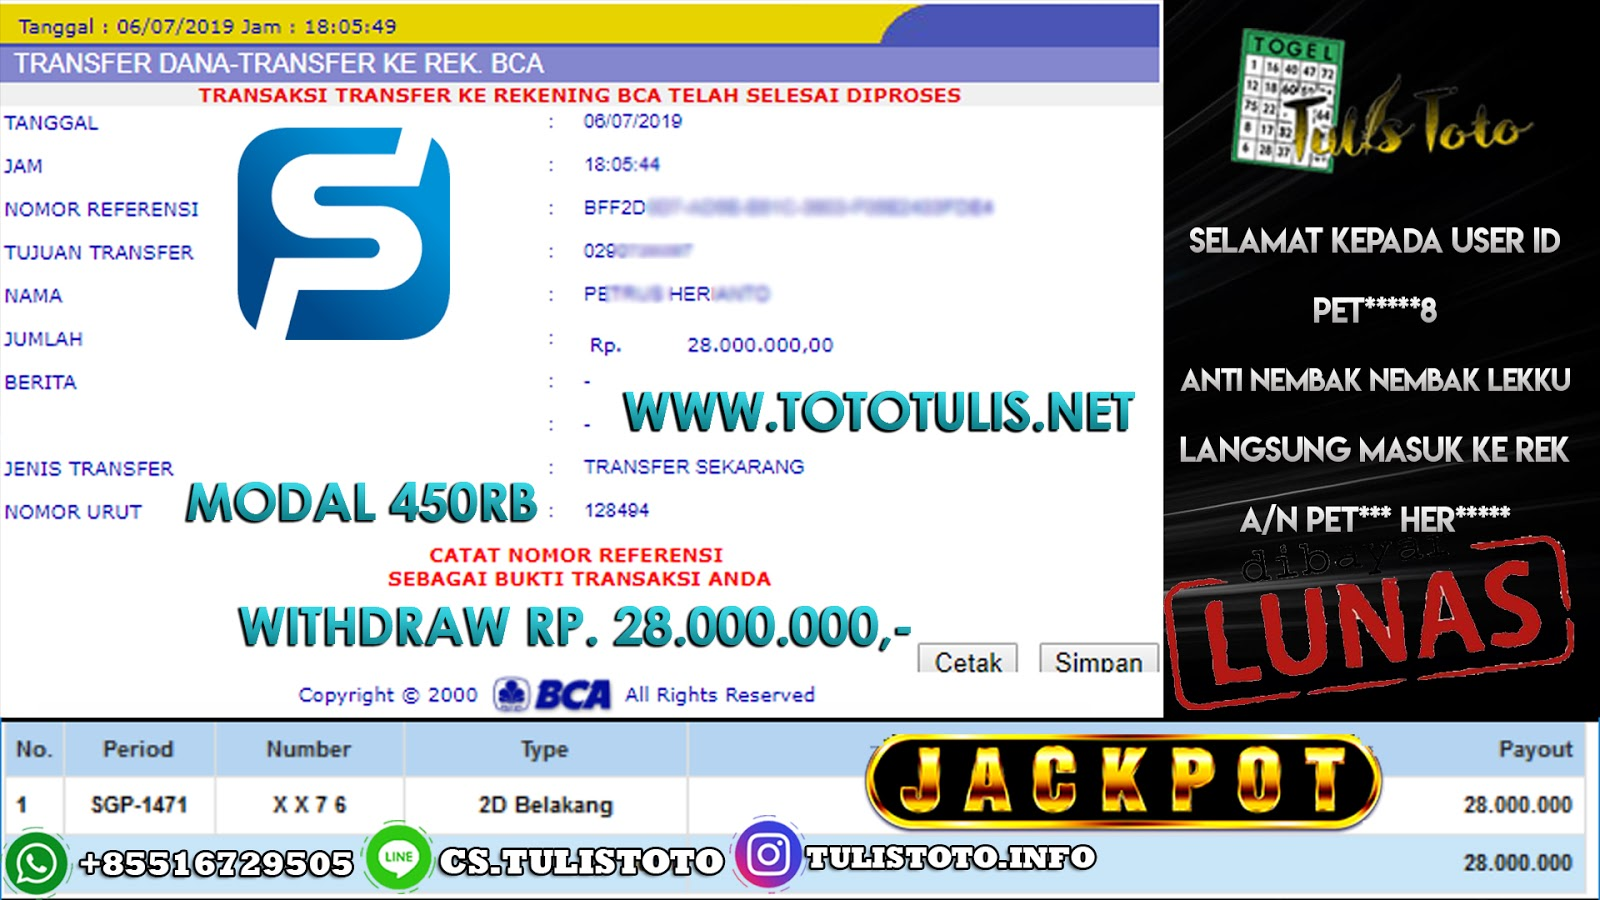 JACKPOT TOGEL 06 JULI 2019 2D SINGAPORE POOLS TULISTOTO MEMBER JP TOGEL 100% LANGSUNG DI BAYARKAN !!